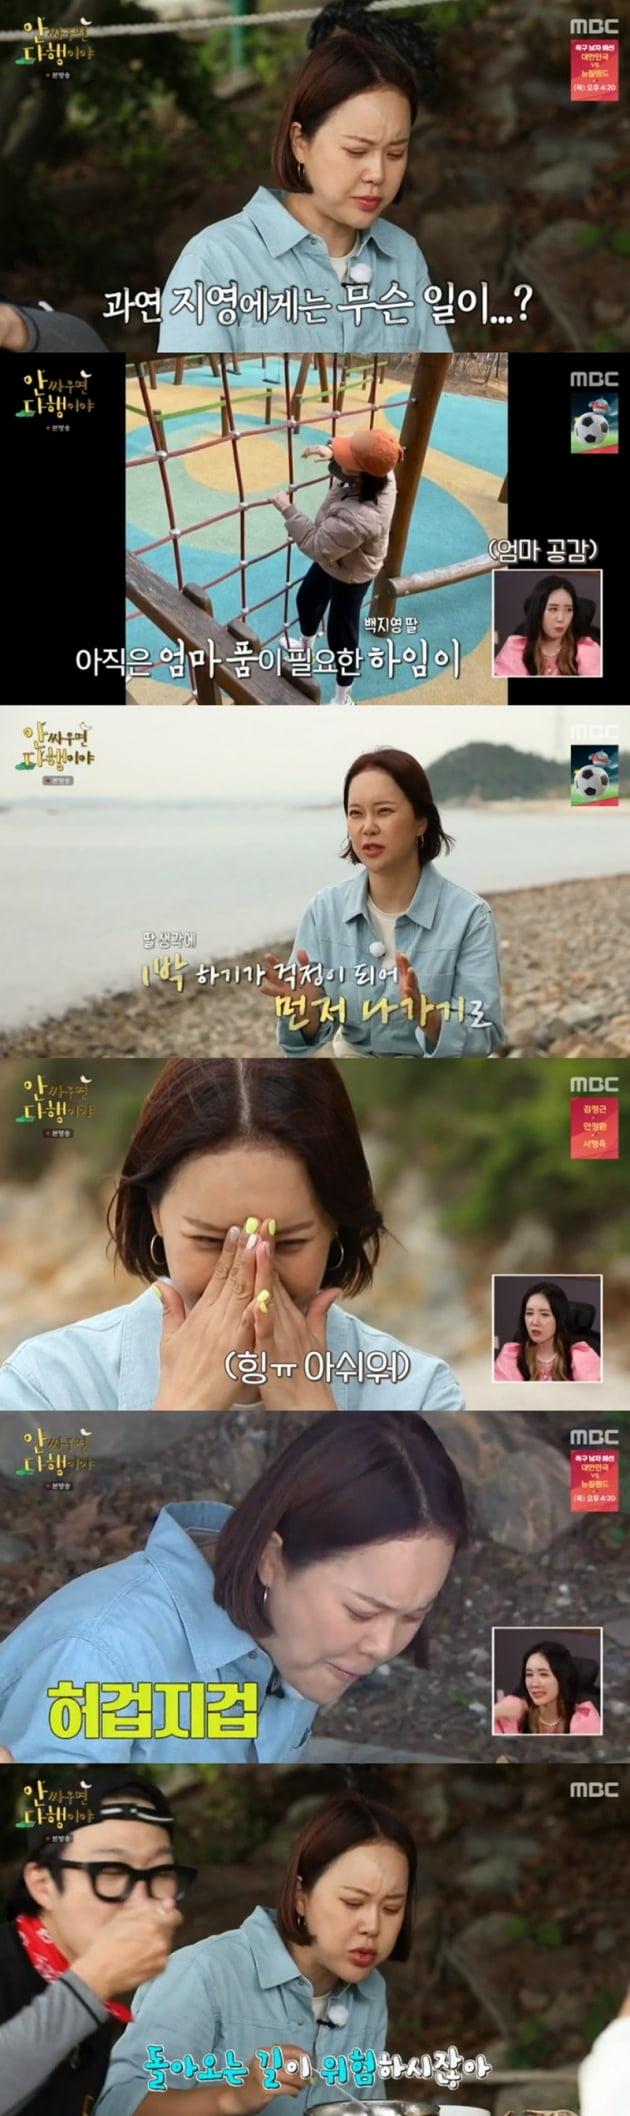 '안싸우면 다행이야' / 사진 = MBC 영상 캡처